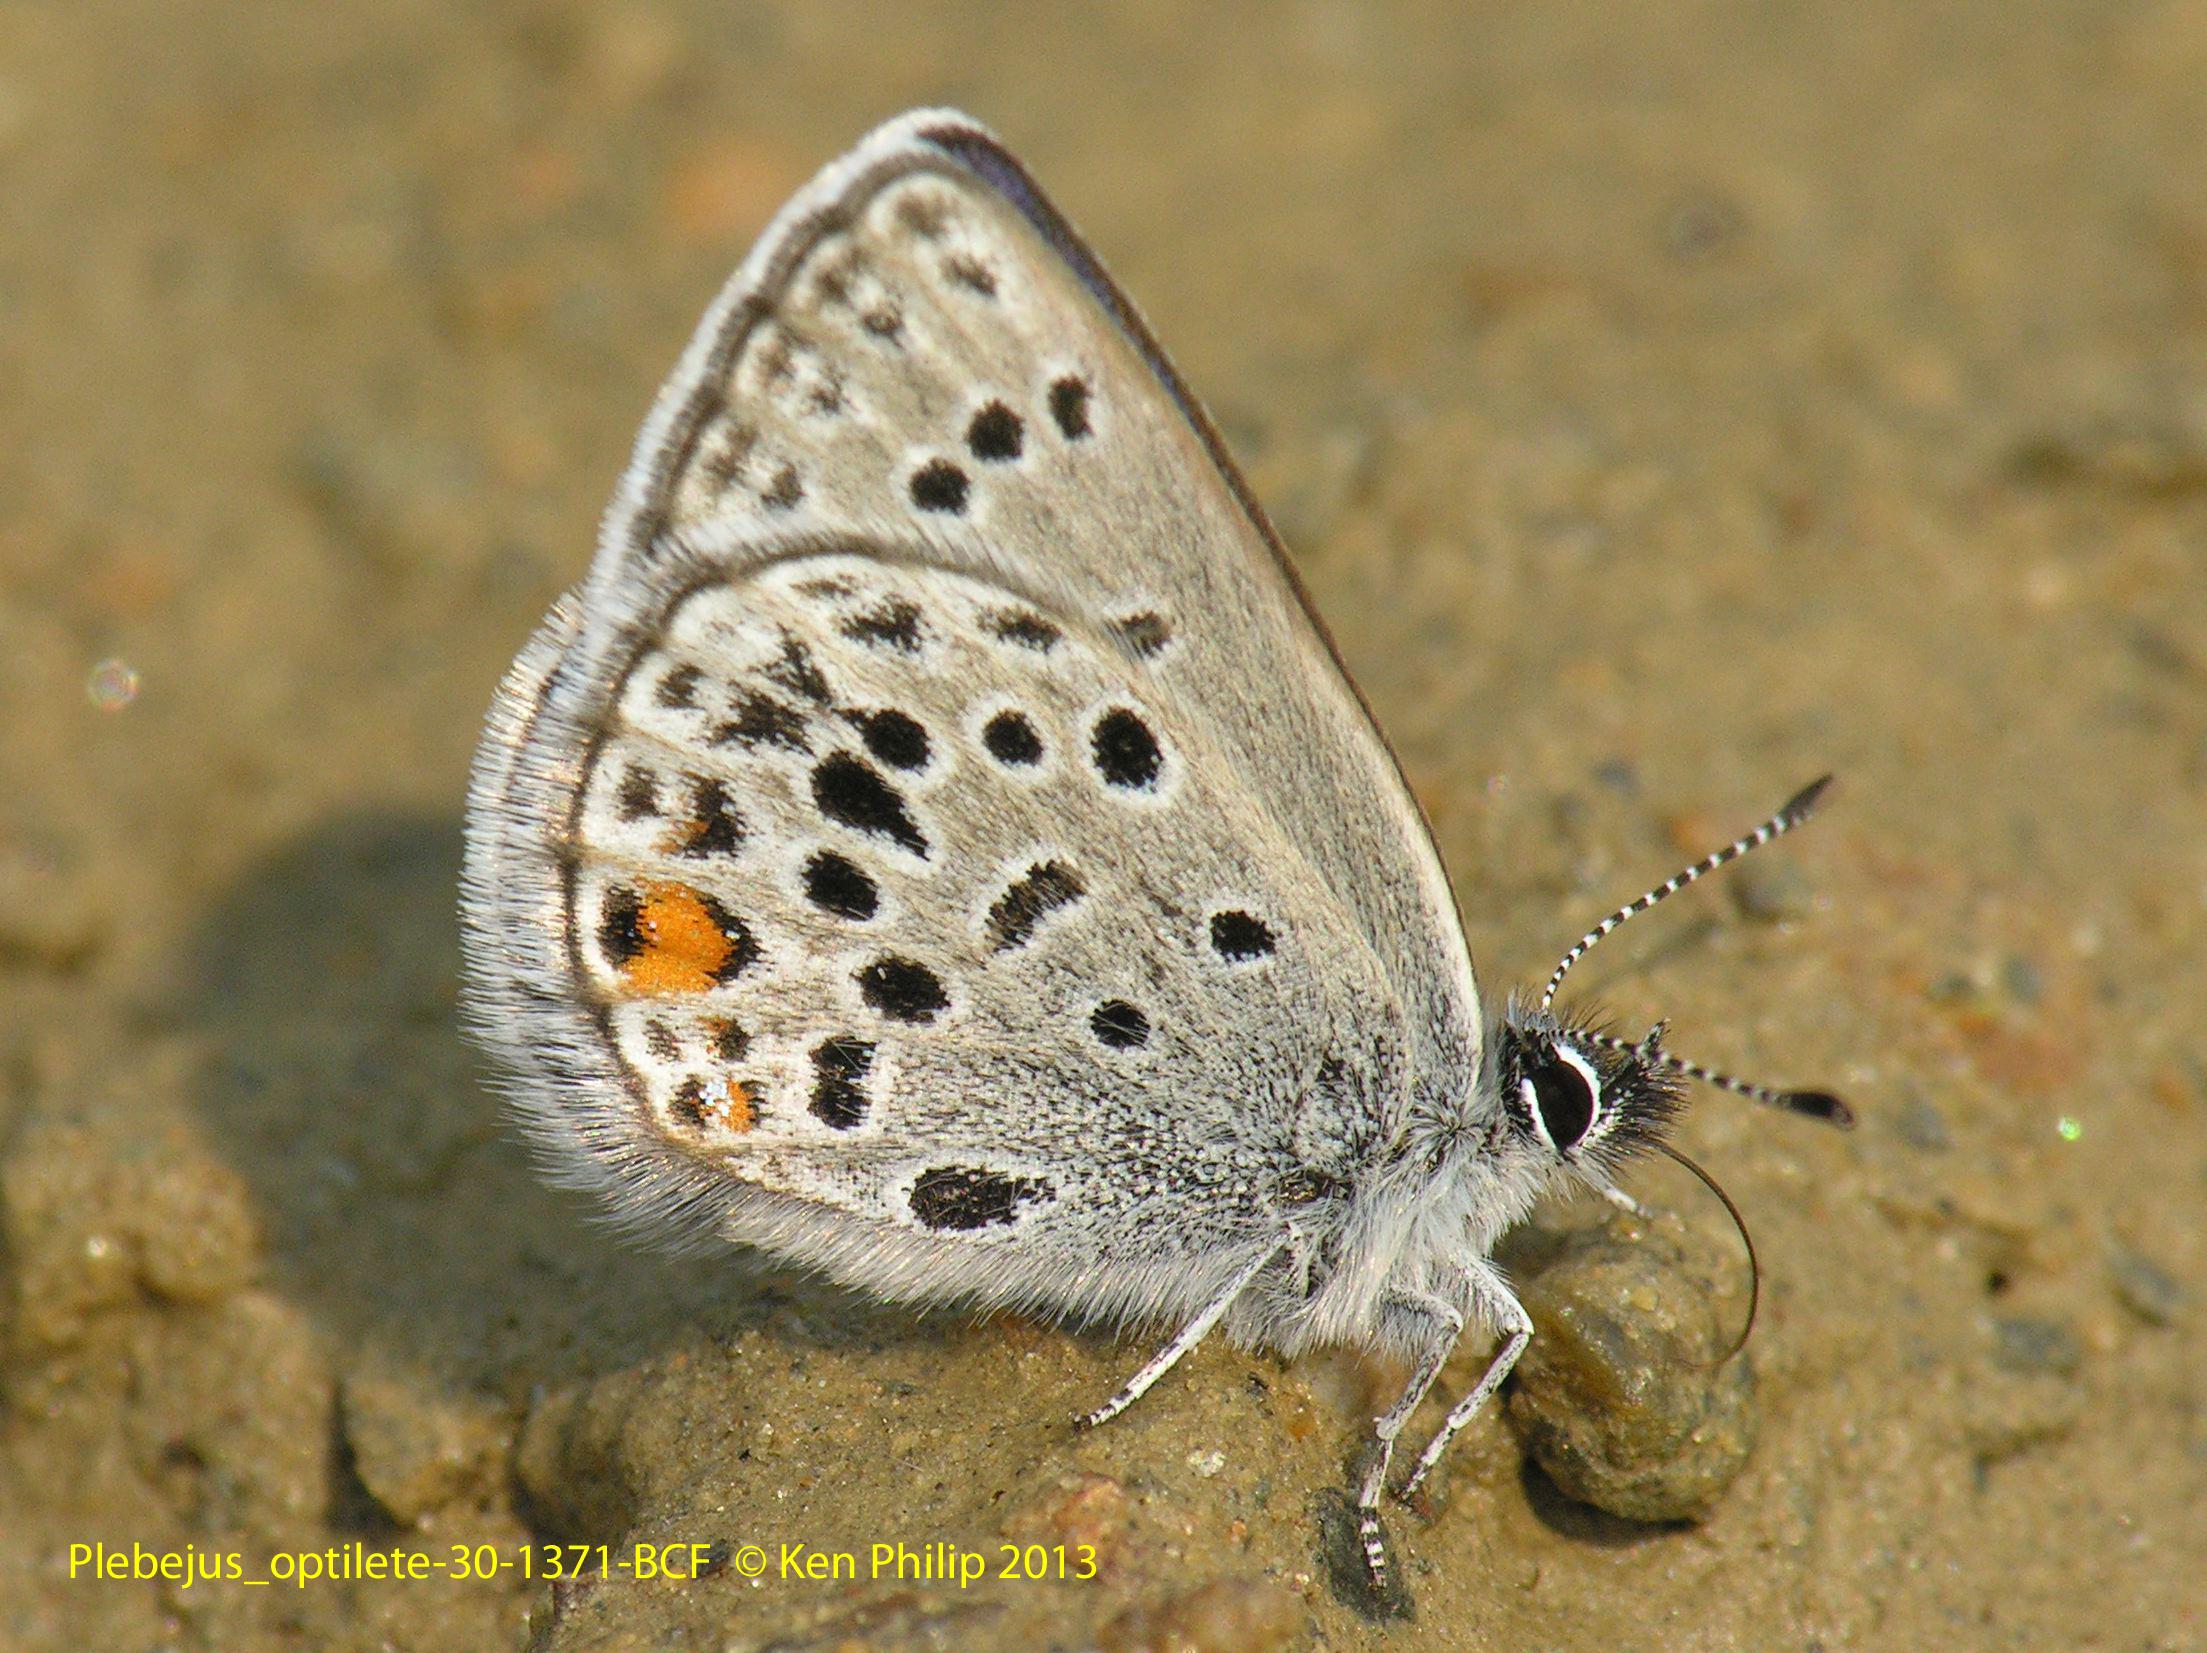 34-Agriades_optilete-30-1371-BCF